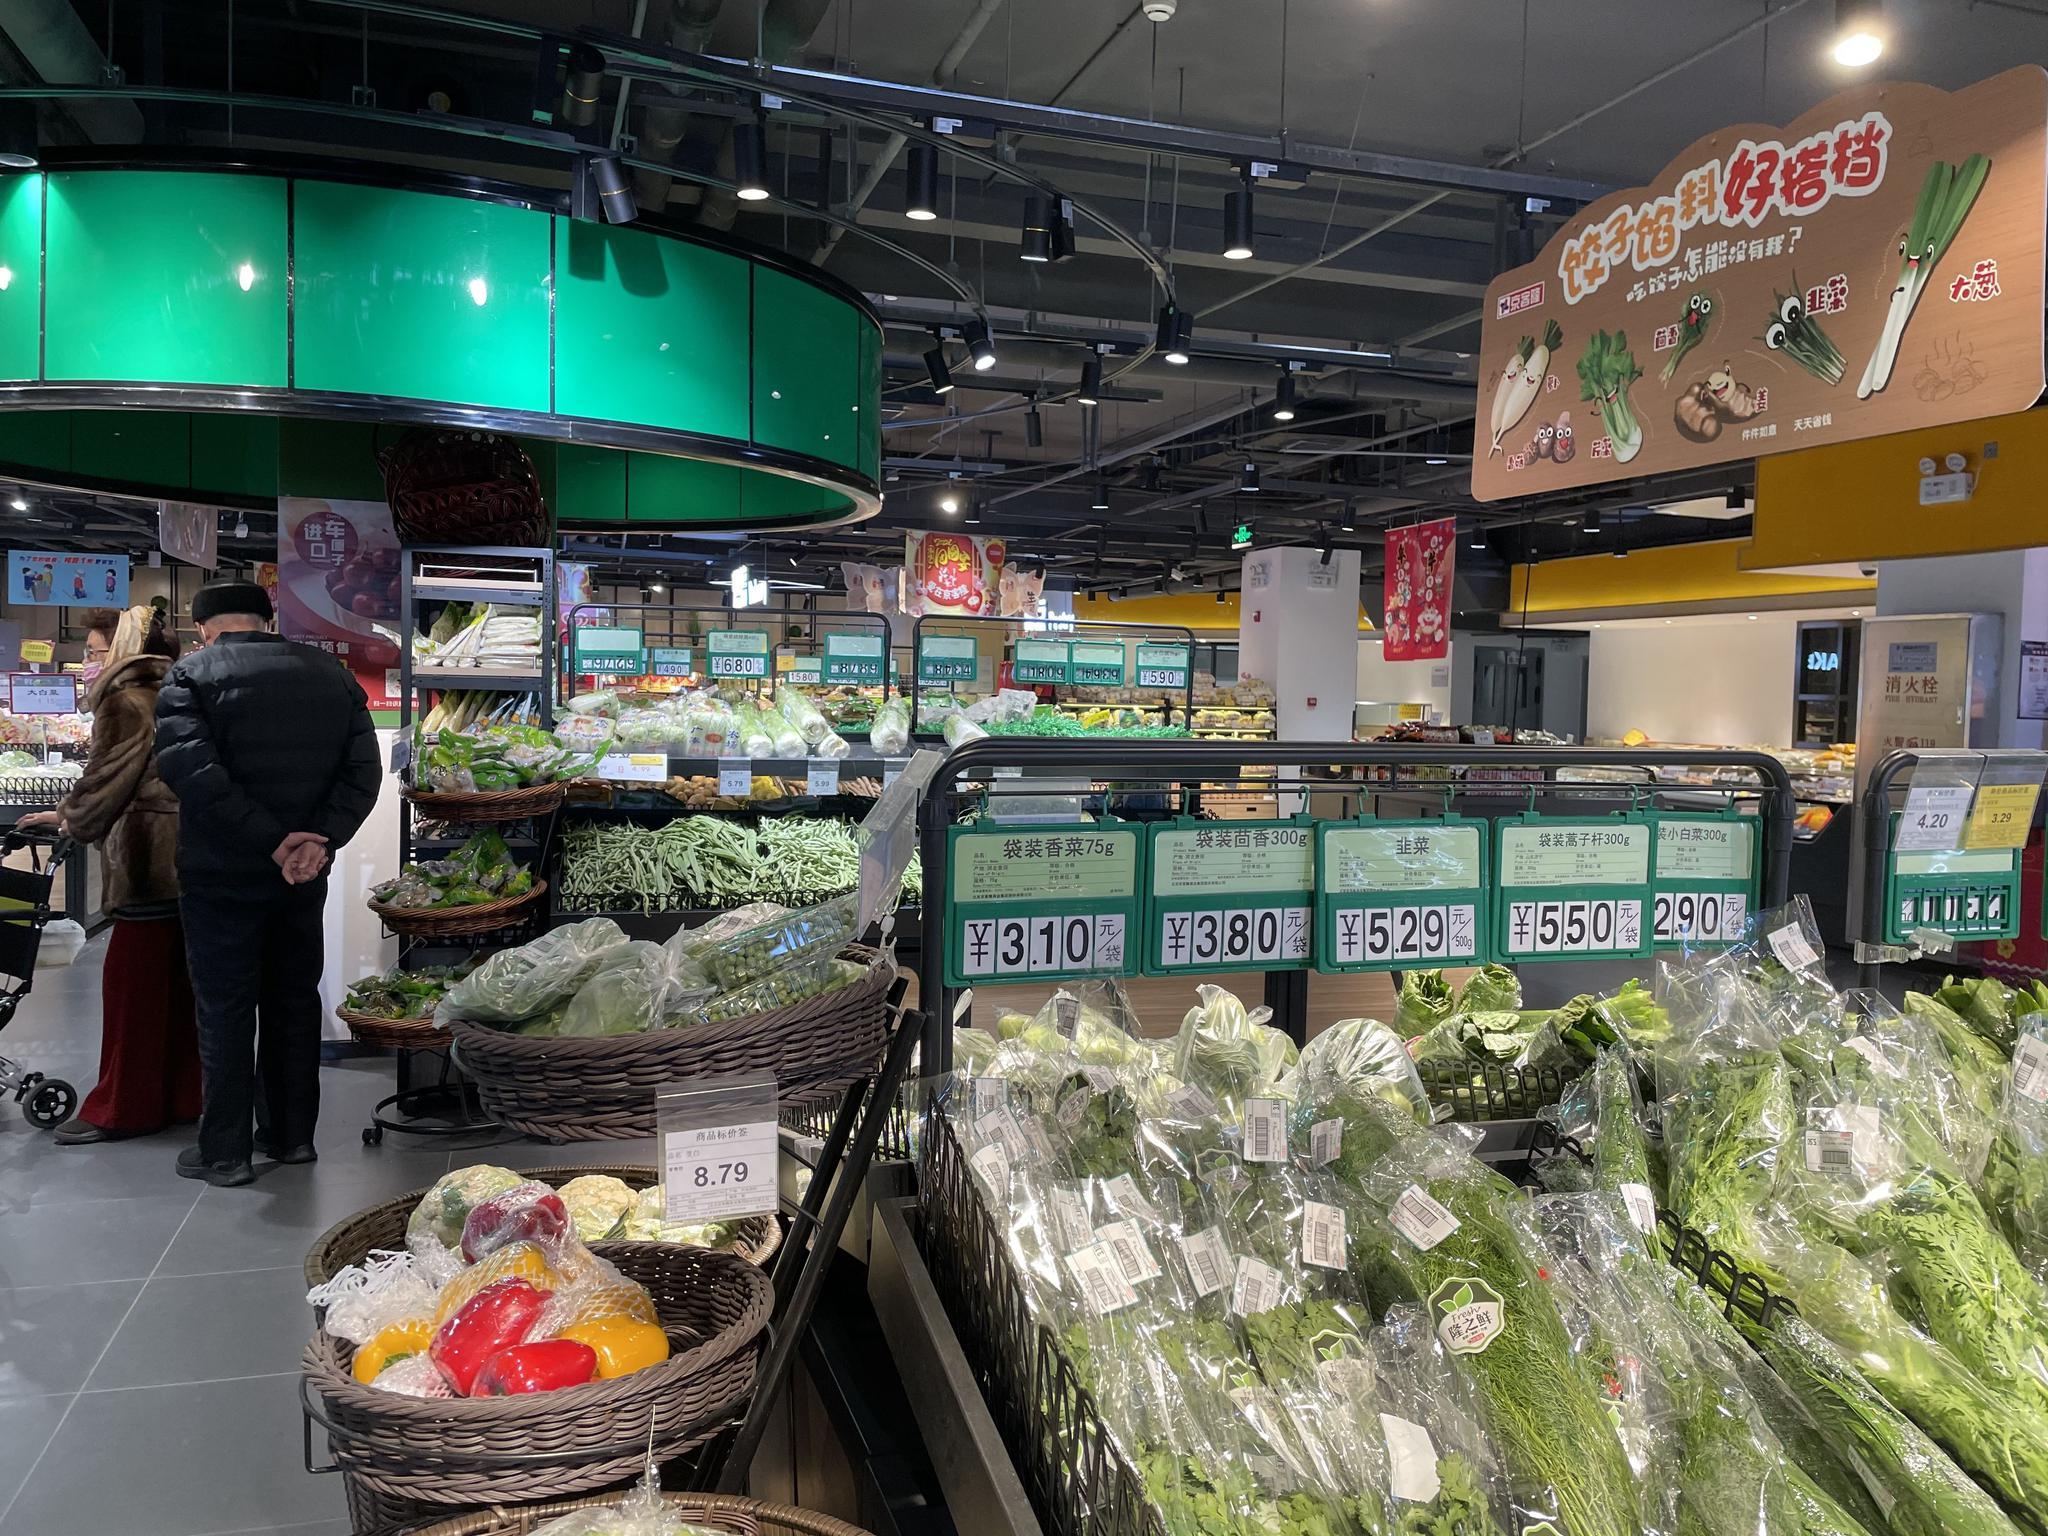 加大备货、推惠民菜,北京商超、生鲜电商硬核保供稳价图片